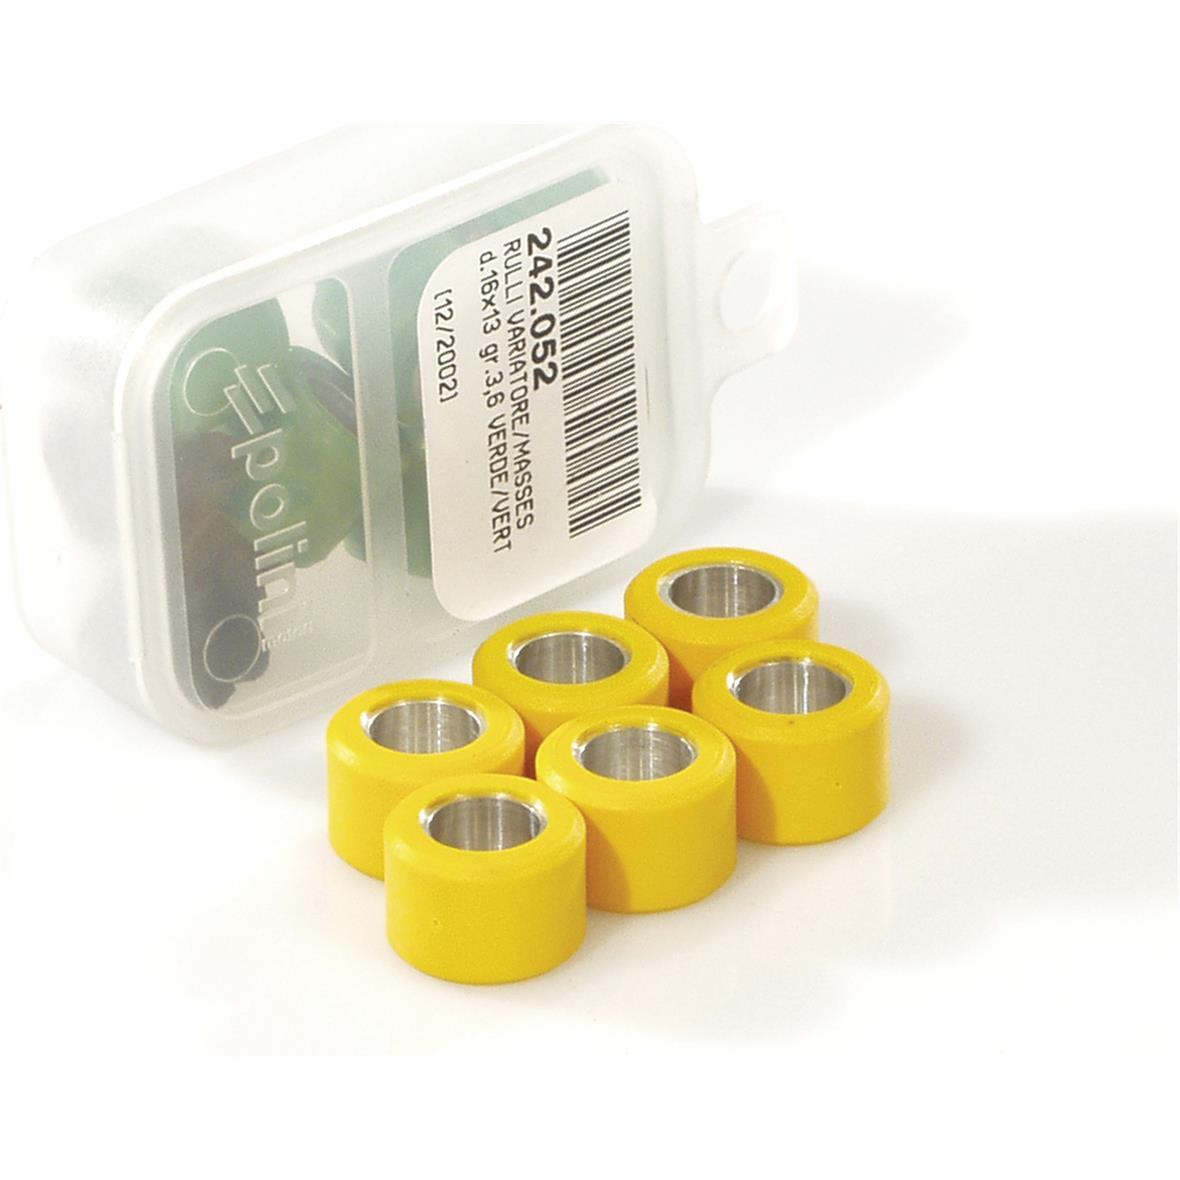 Produktbild für 'Variatorrollen POLINI 17x12 mm 2,8g'